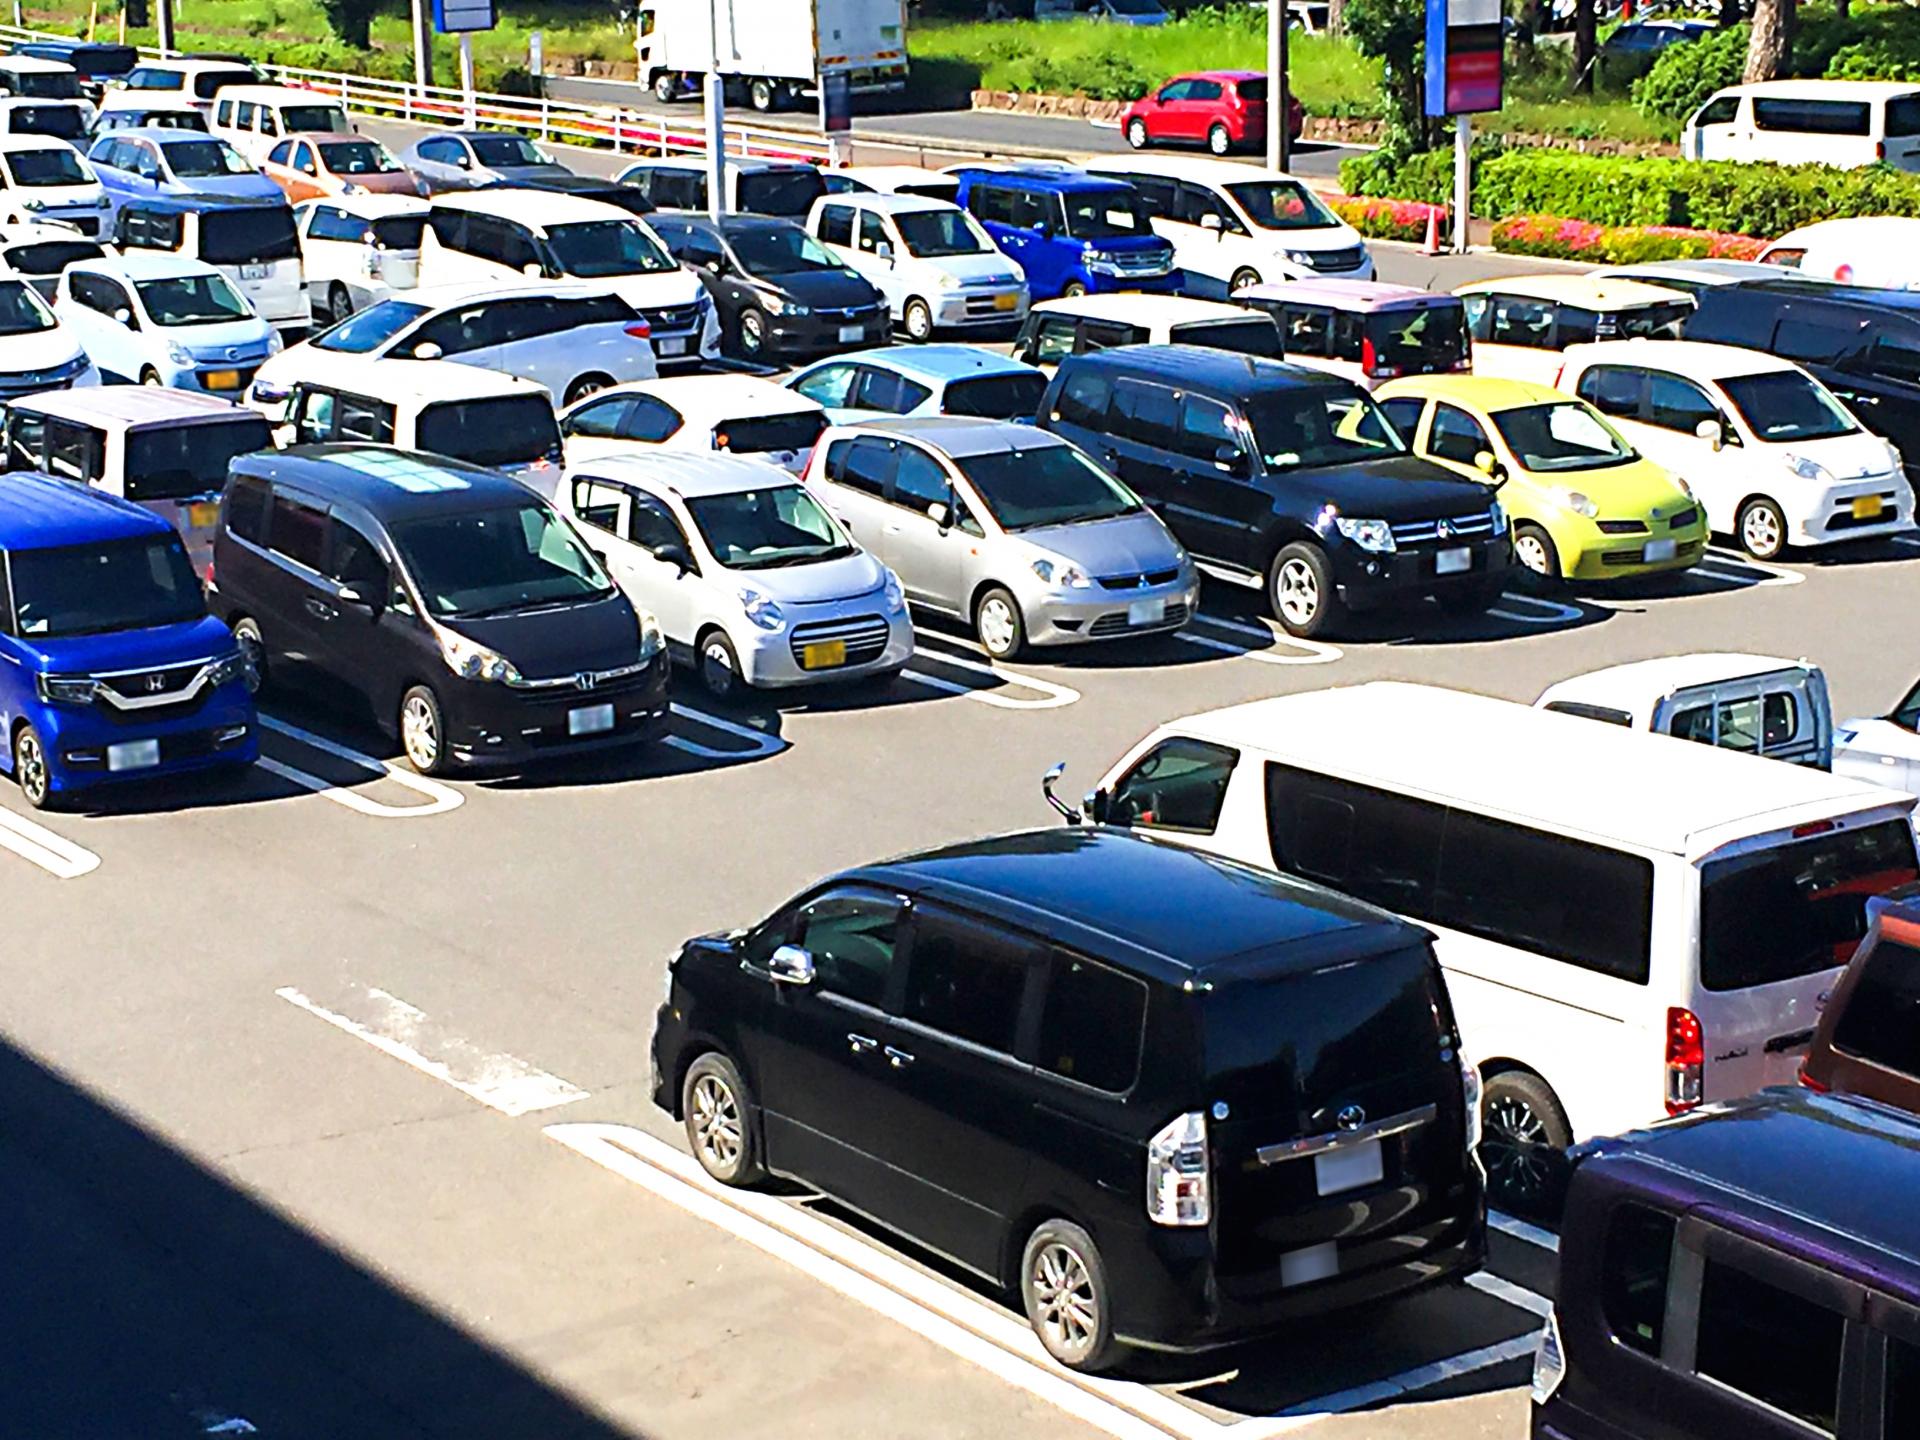 鳥取砂丘の駐車場で無料・安いおすすめの場所は?料金や混雑状況もご紹介!